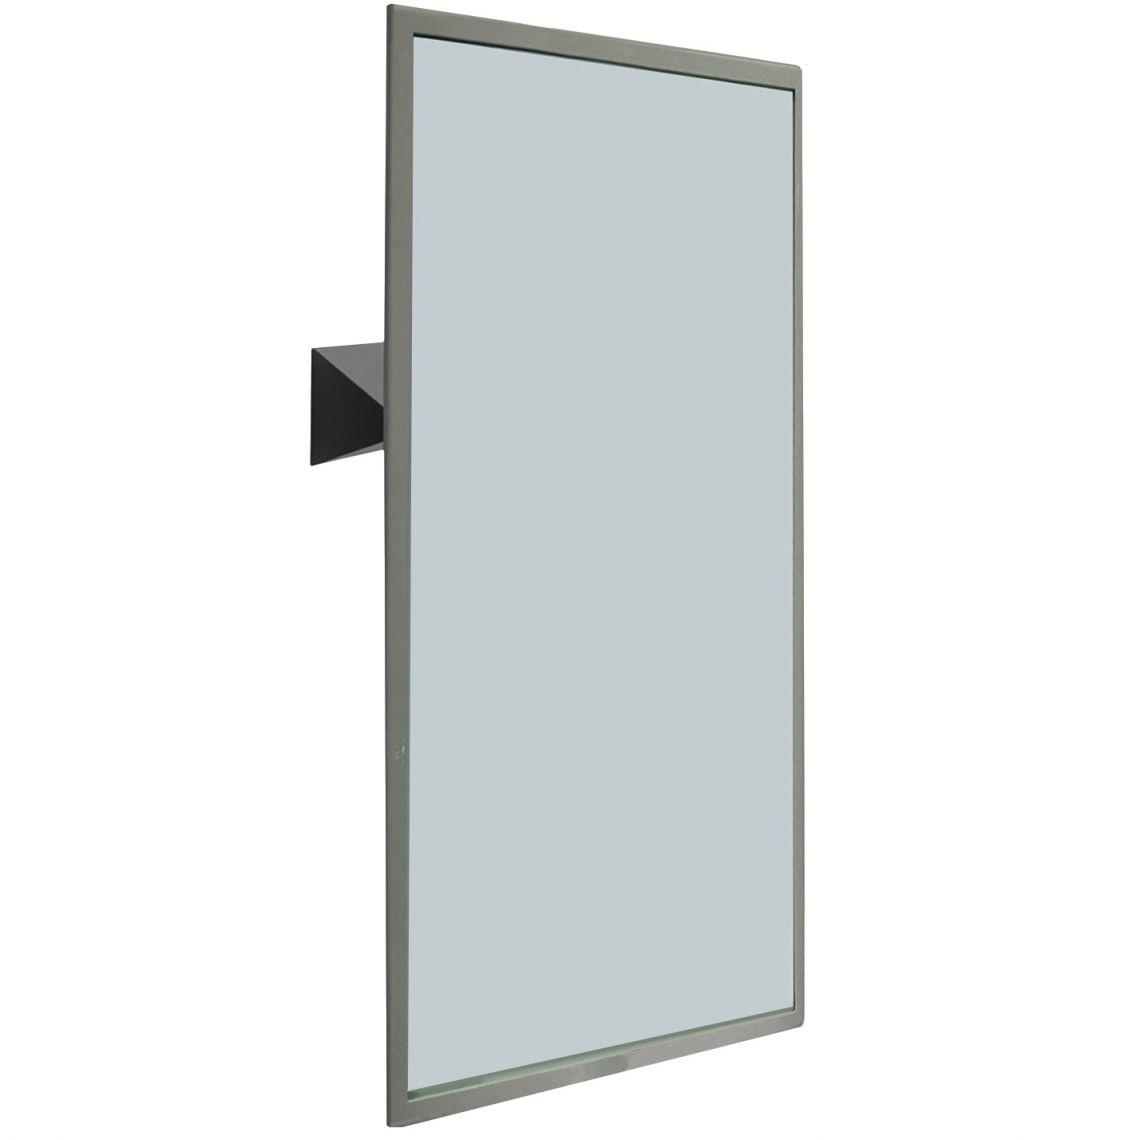 Зеркало откидное NOFER для людей с инвалидностью 70x50 см, Satin (08023.S)